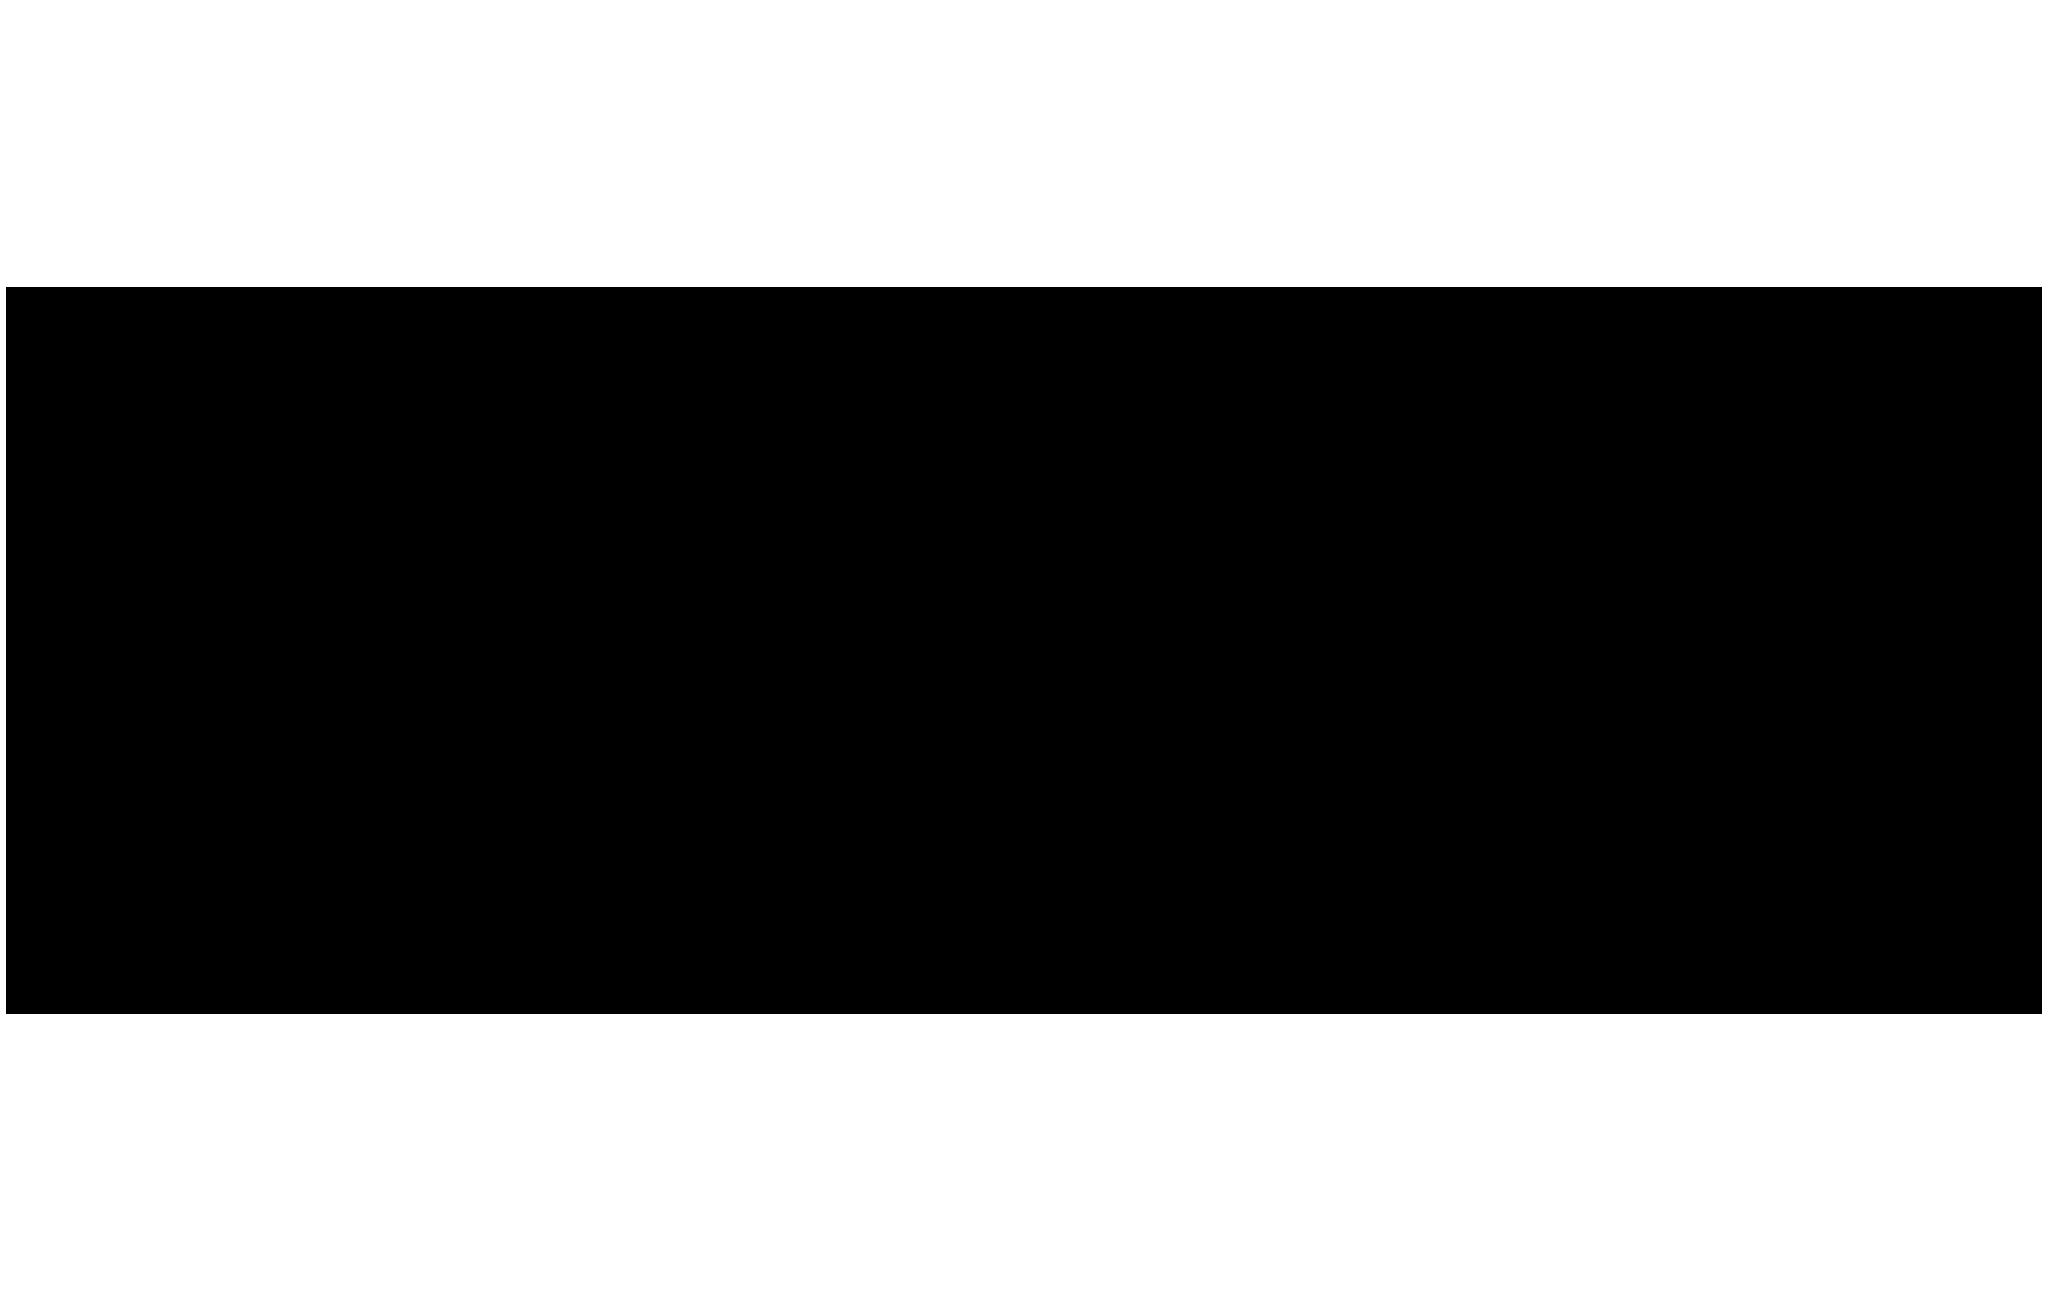 Fresua logo